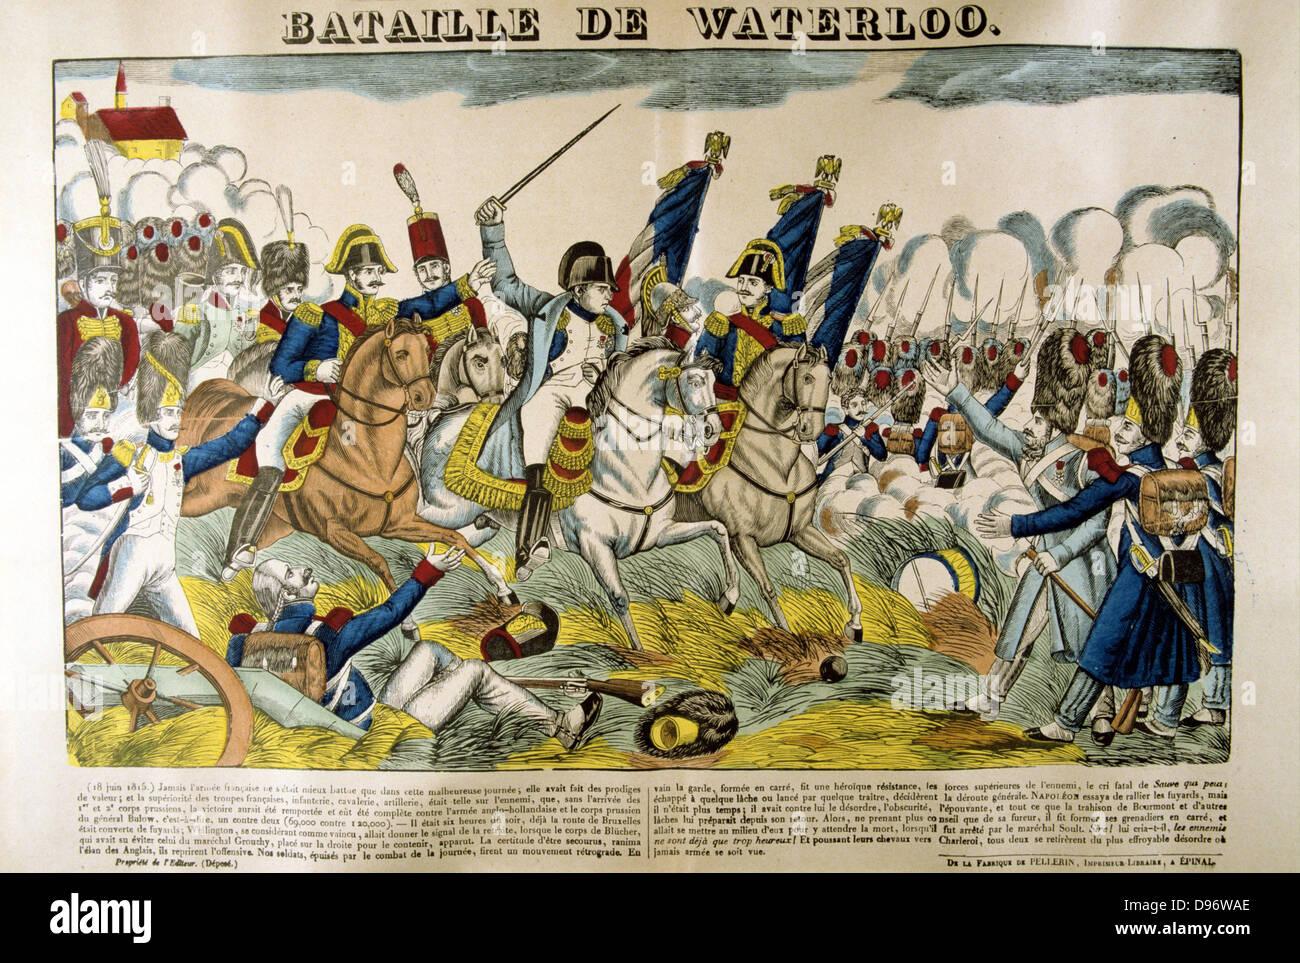 Napoleón en la batalla de Waterloo, el 18 de junio de 1815. Francés popular xilografía coloreada a mano. Foto de stock